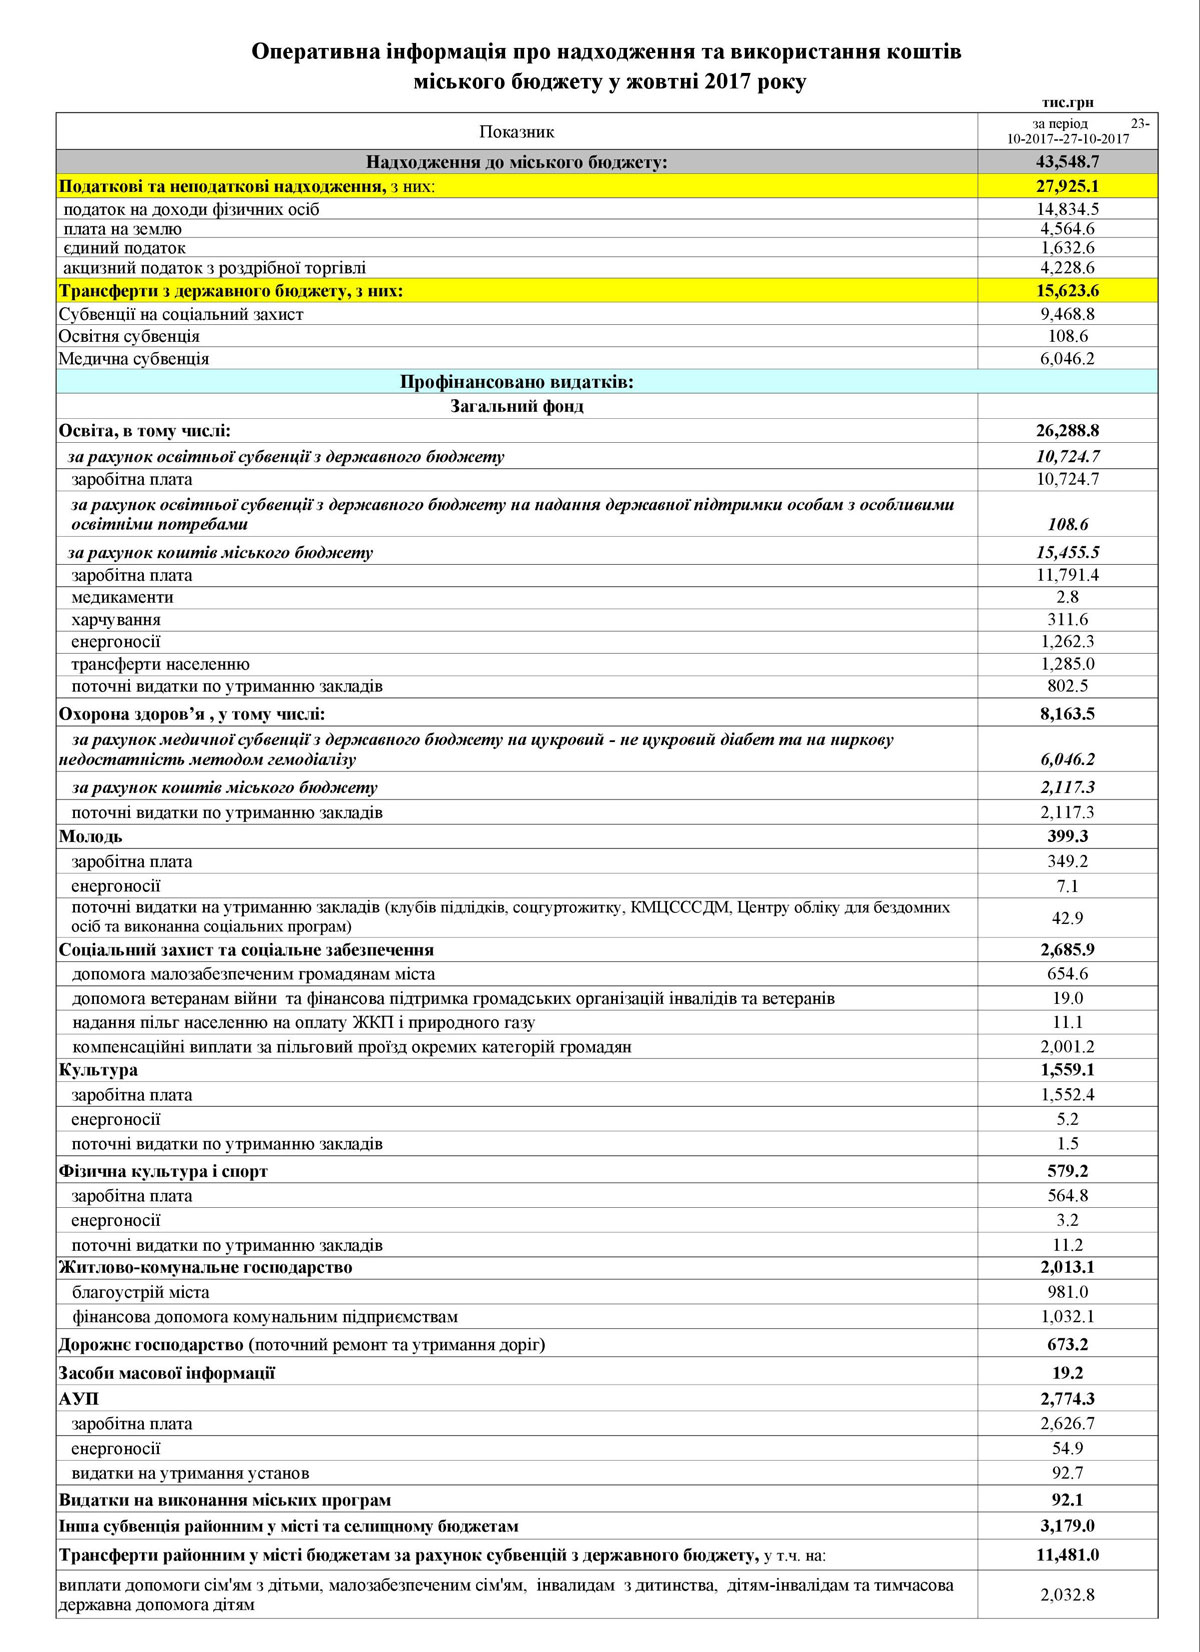 Як міська рада Кропивницького витрачала бюджет у жовтні. ДОКУМЕНТ - 1 - Життя - Без Купюр